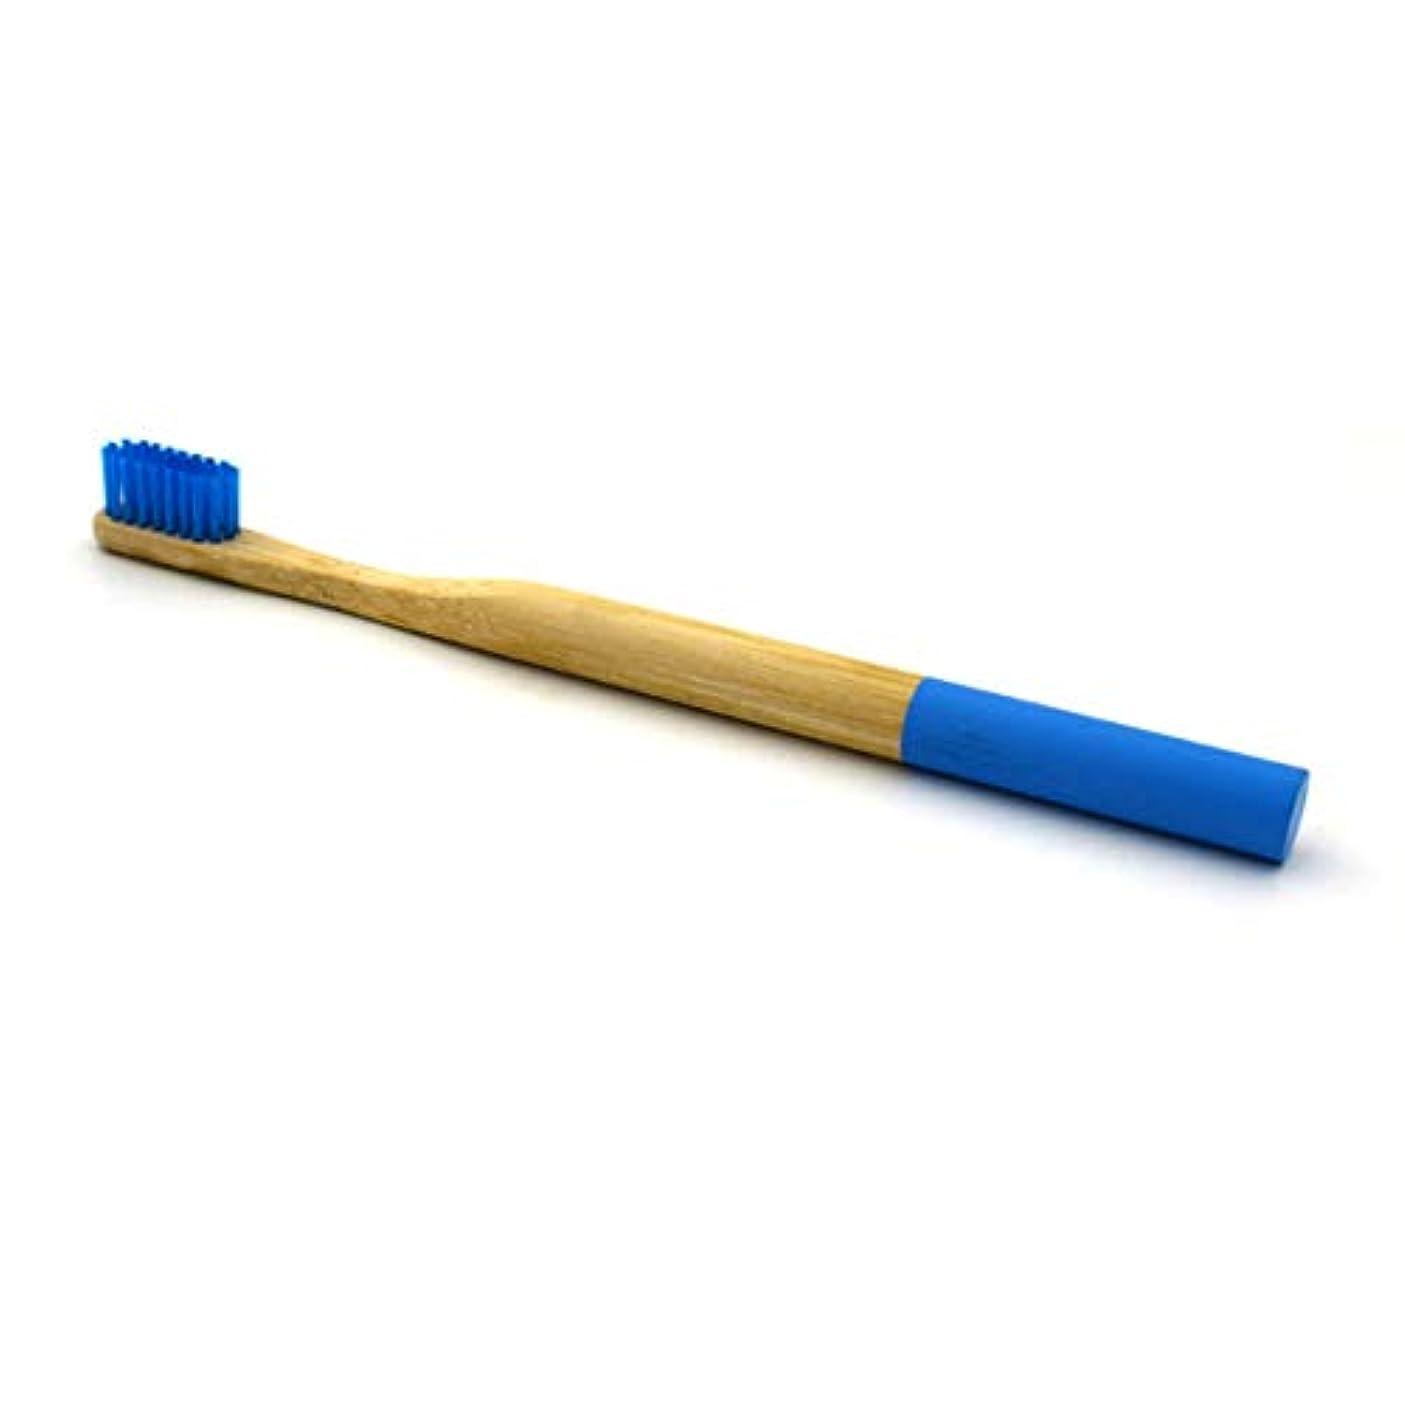 過敏な墓地シーンSUPVOX 柔らかい毛の丸いハンドル付きの天然竹歯ブラシ